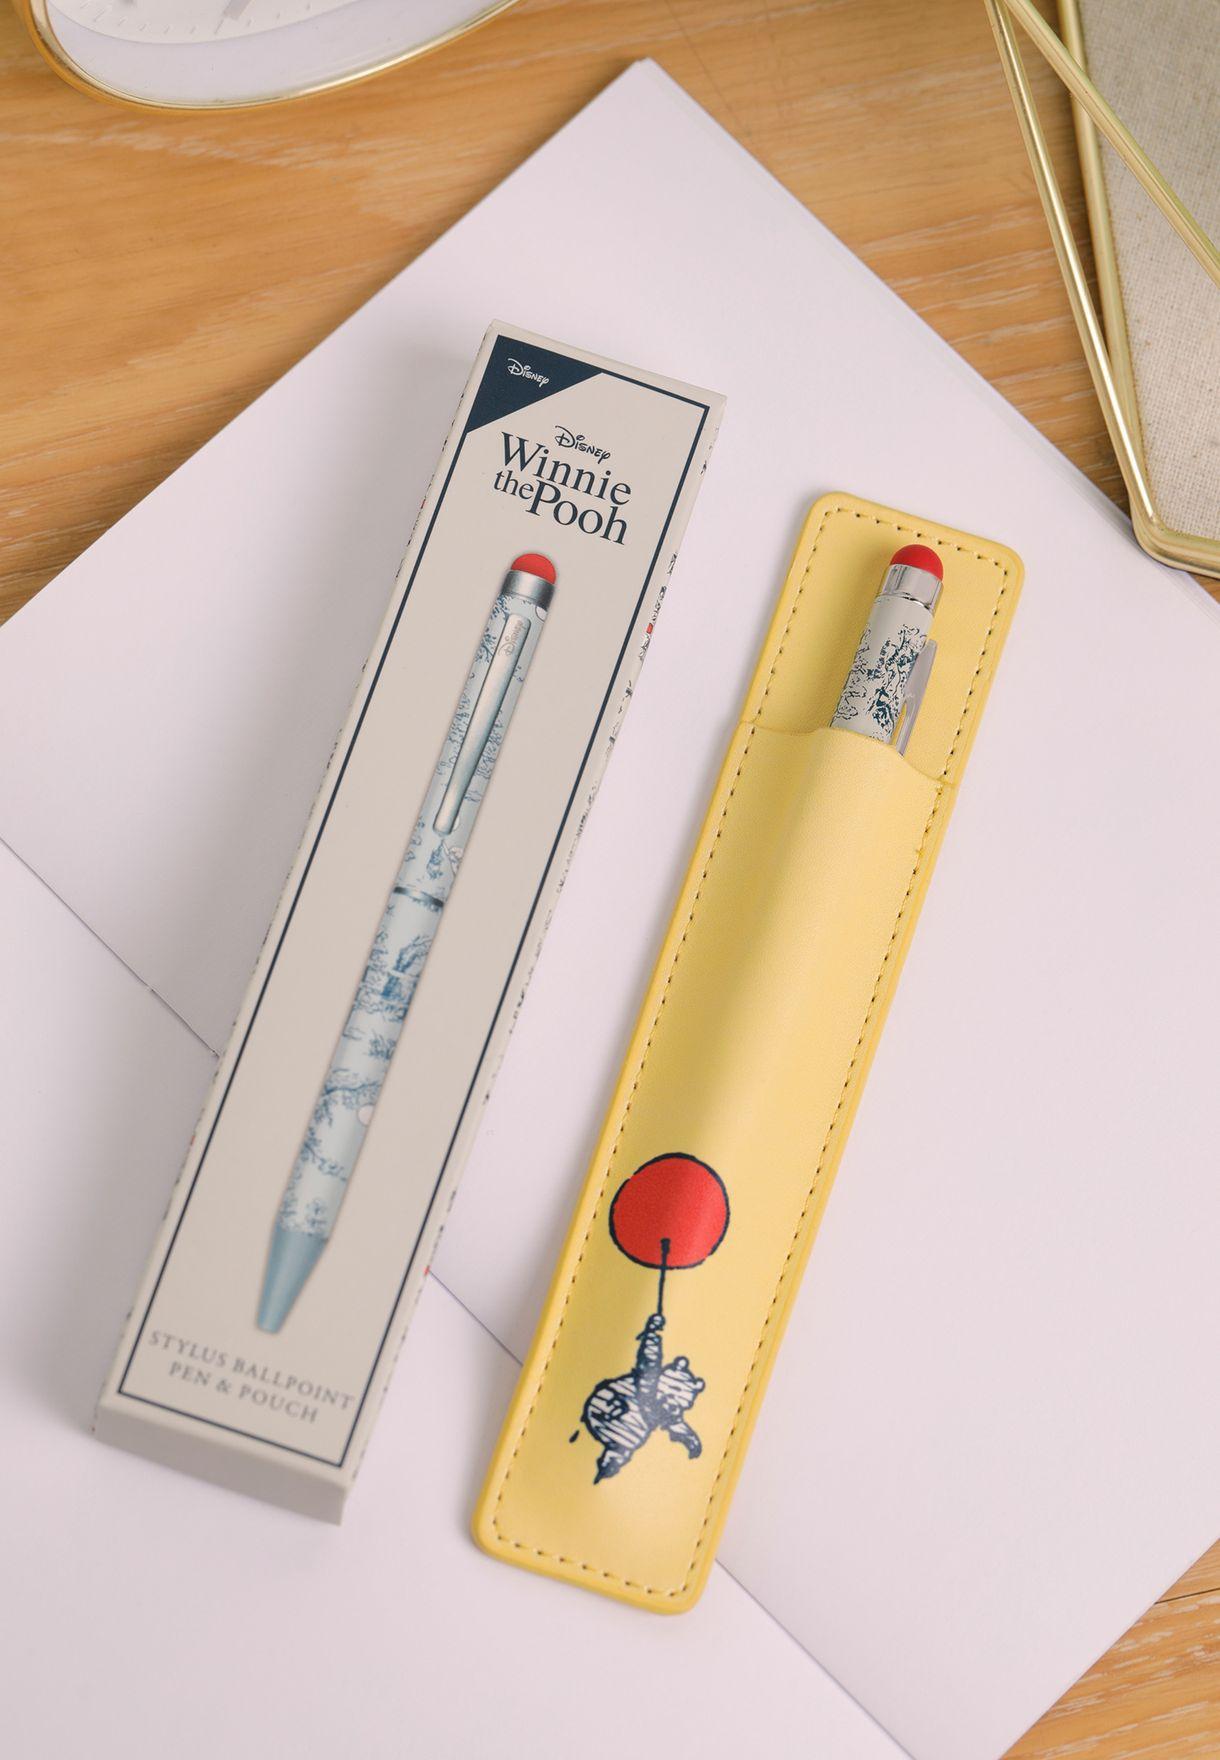 قلم حبر وحافظة ويني ذا بو